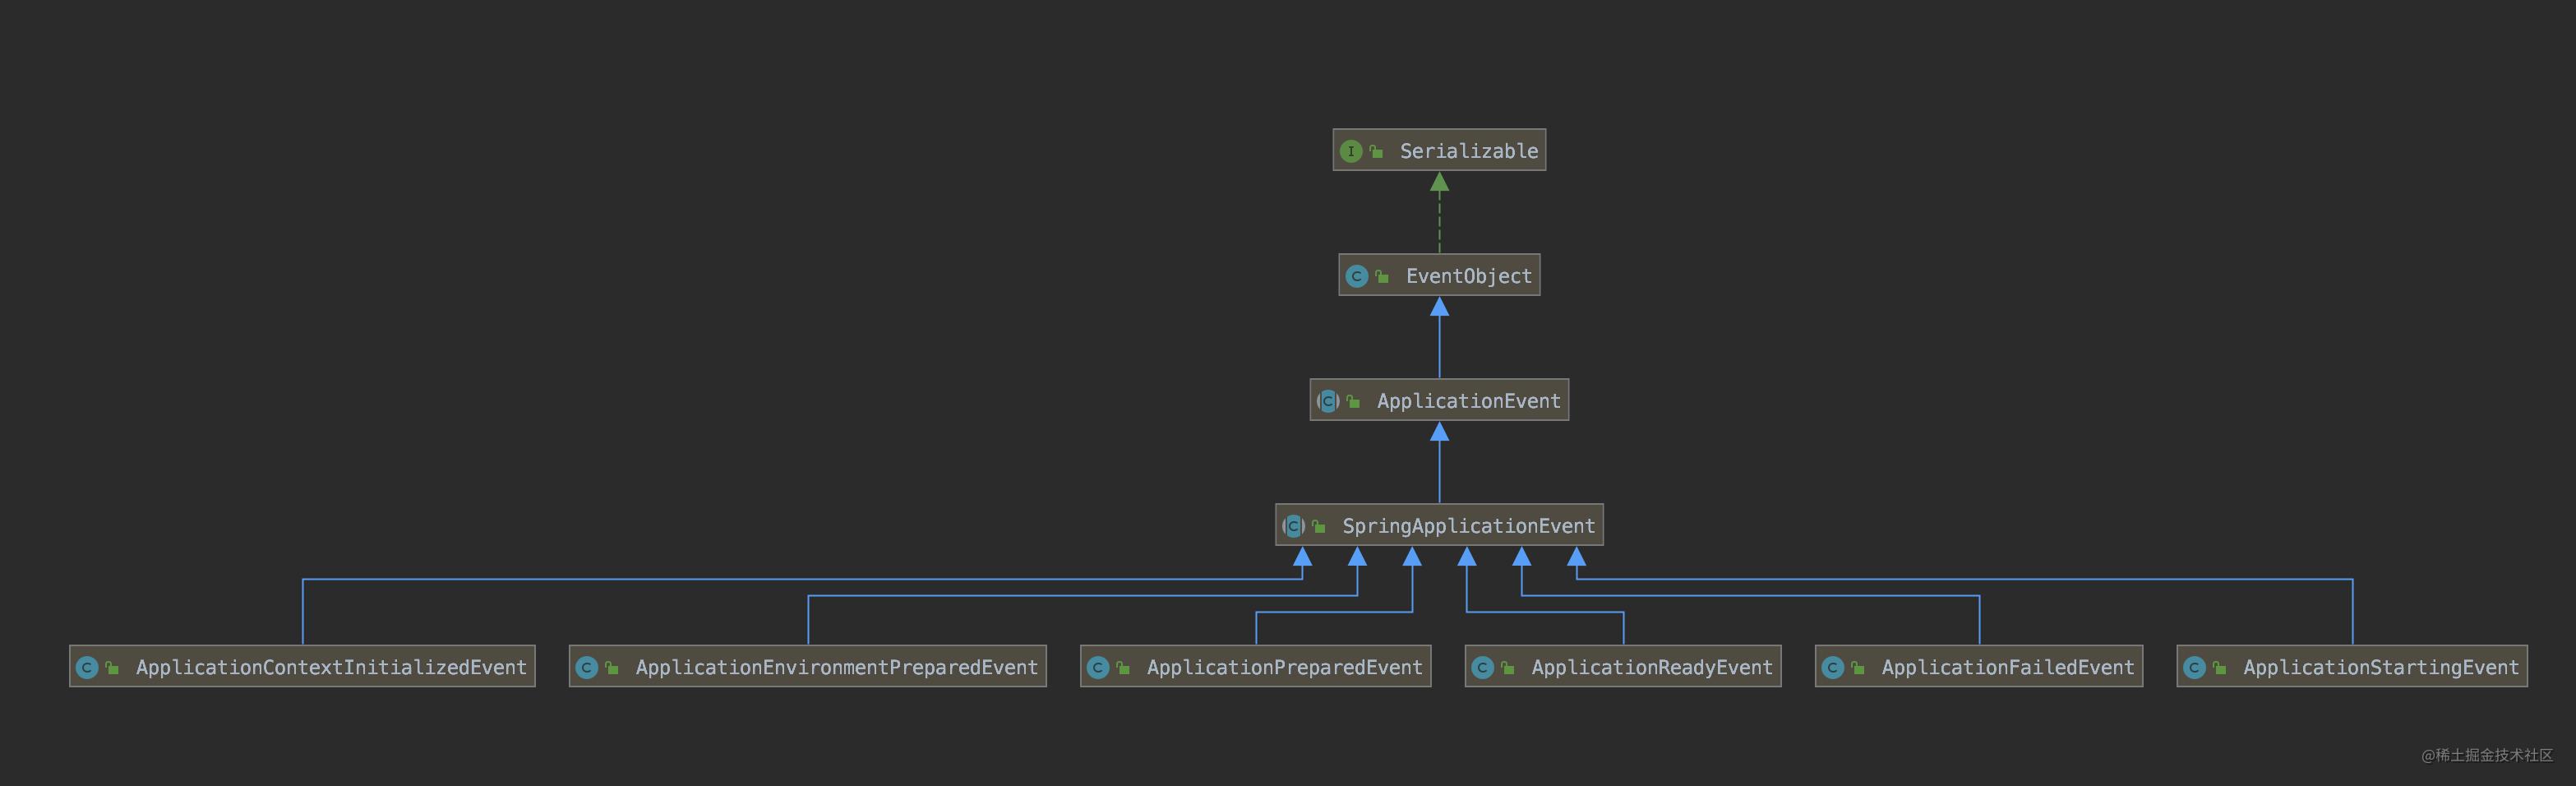 SpringApplicationEvent 类图